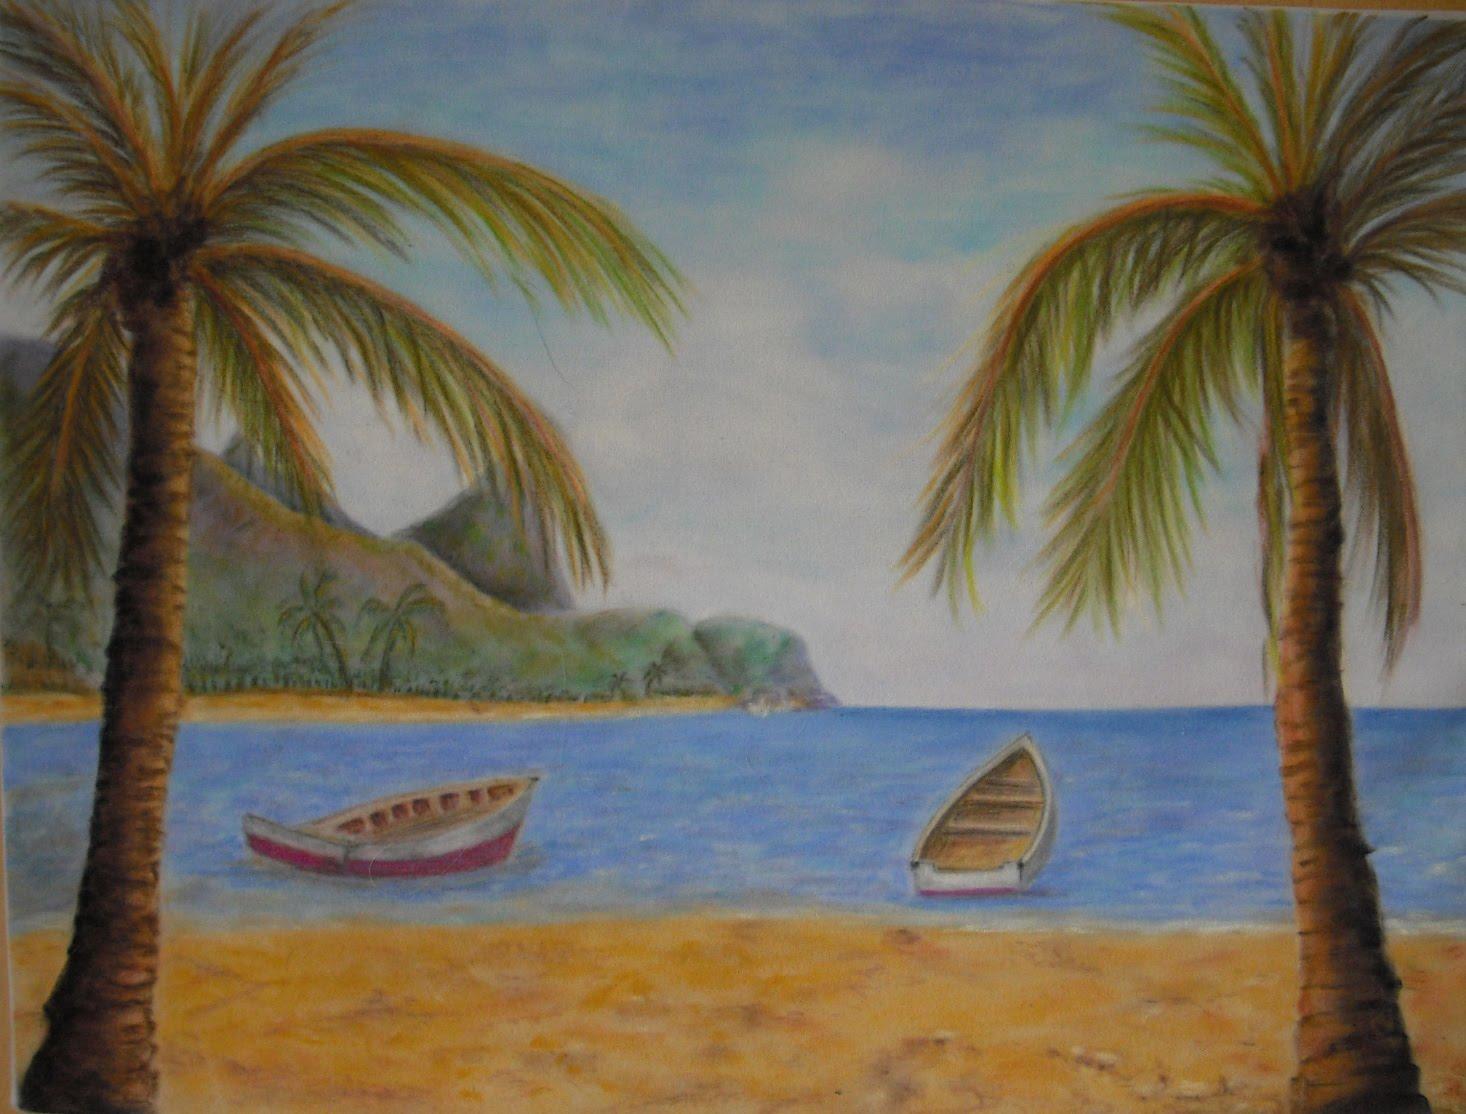 Como Dibujar Un Paisaje De Playa 6 Pasos Con Fotos Sokolvineyard Com